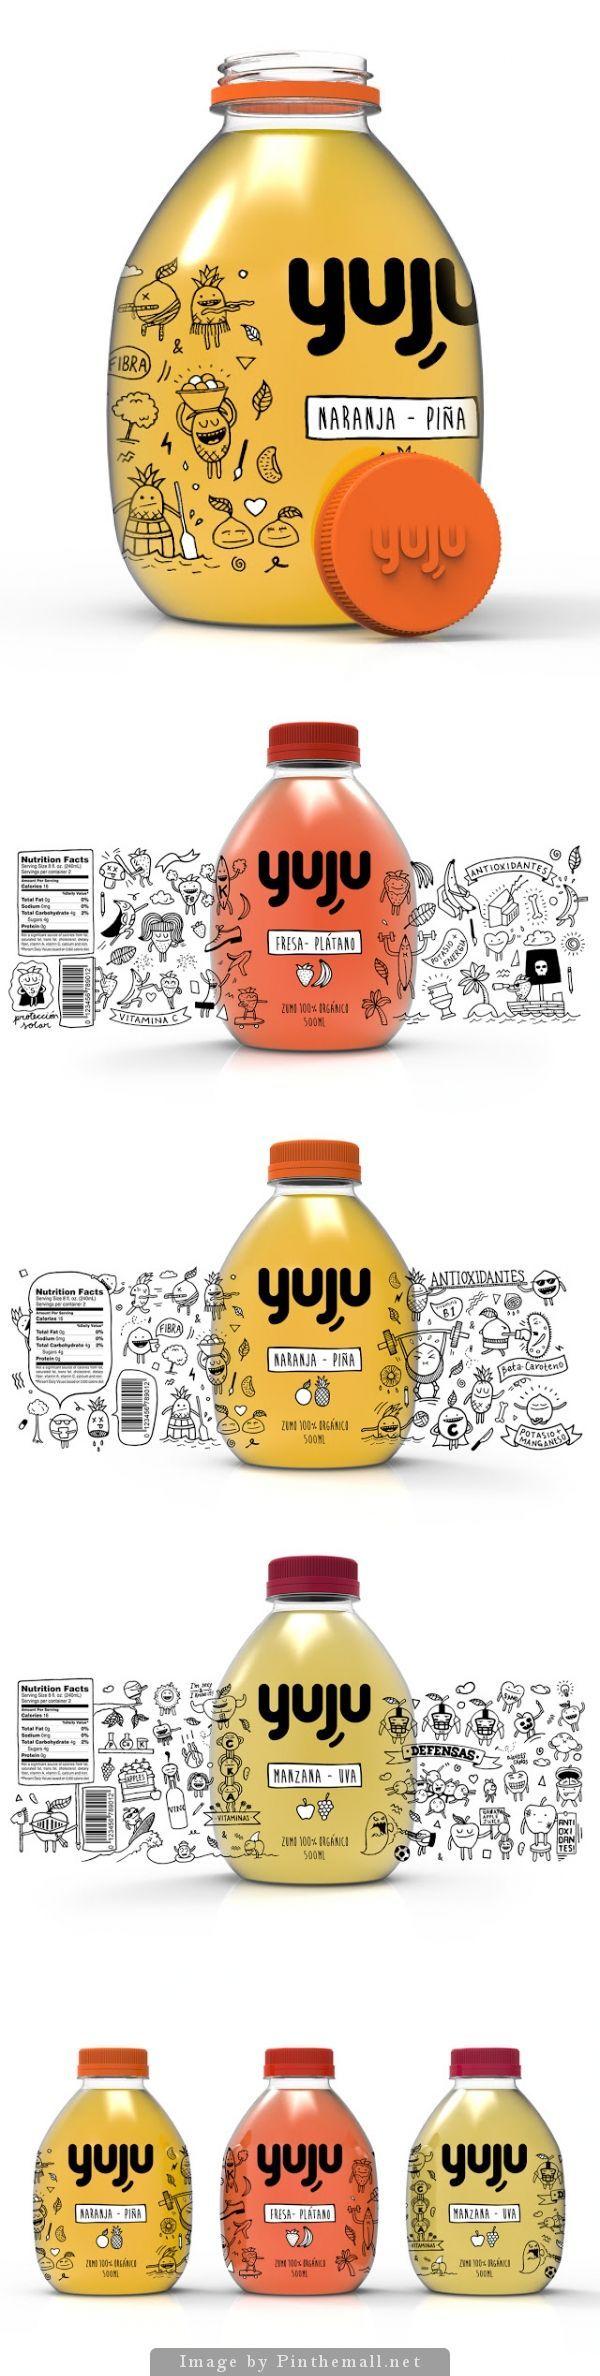 YUJU Designer: Juan Jose Montes Country: Barcelona, Spain